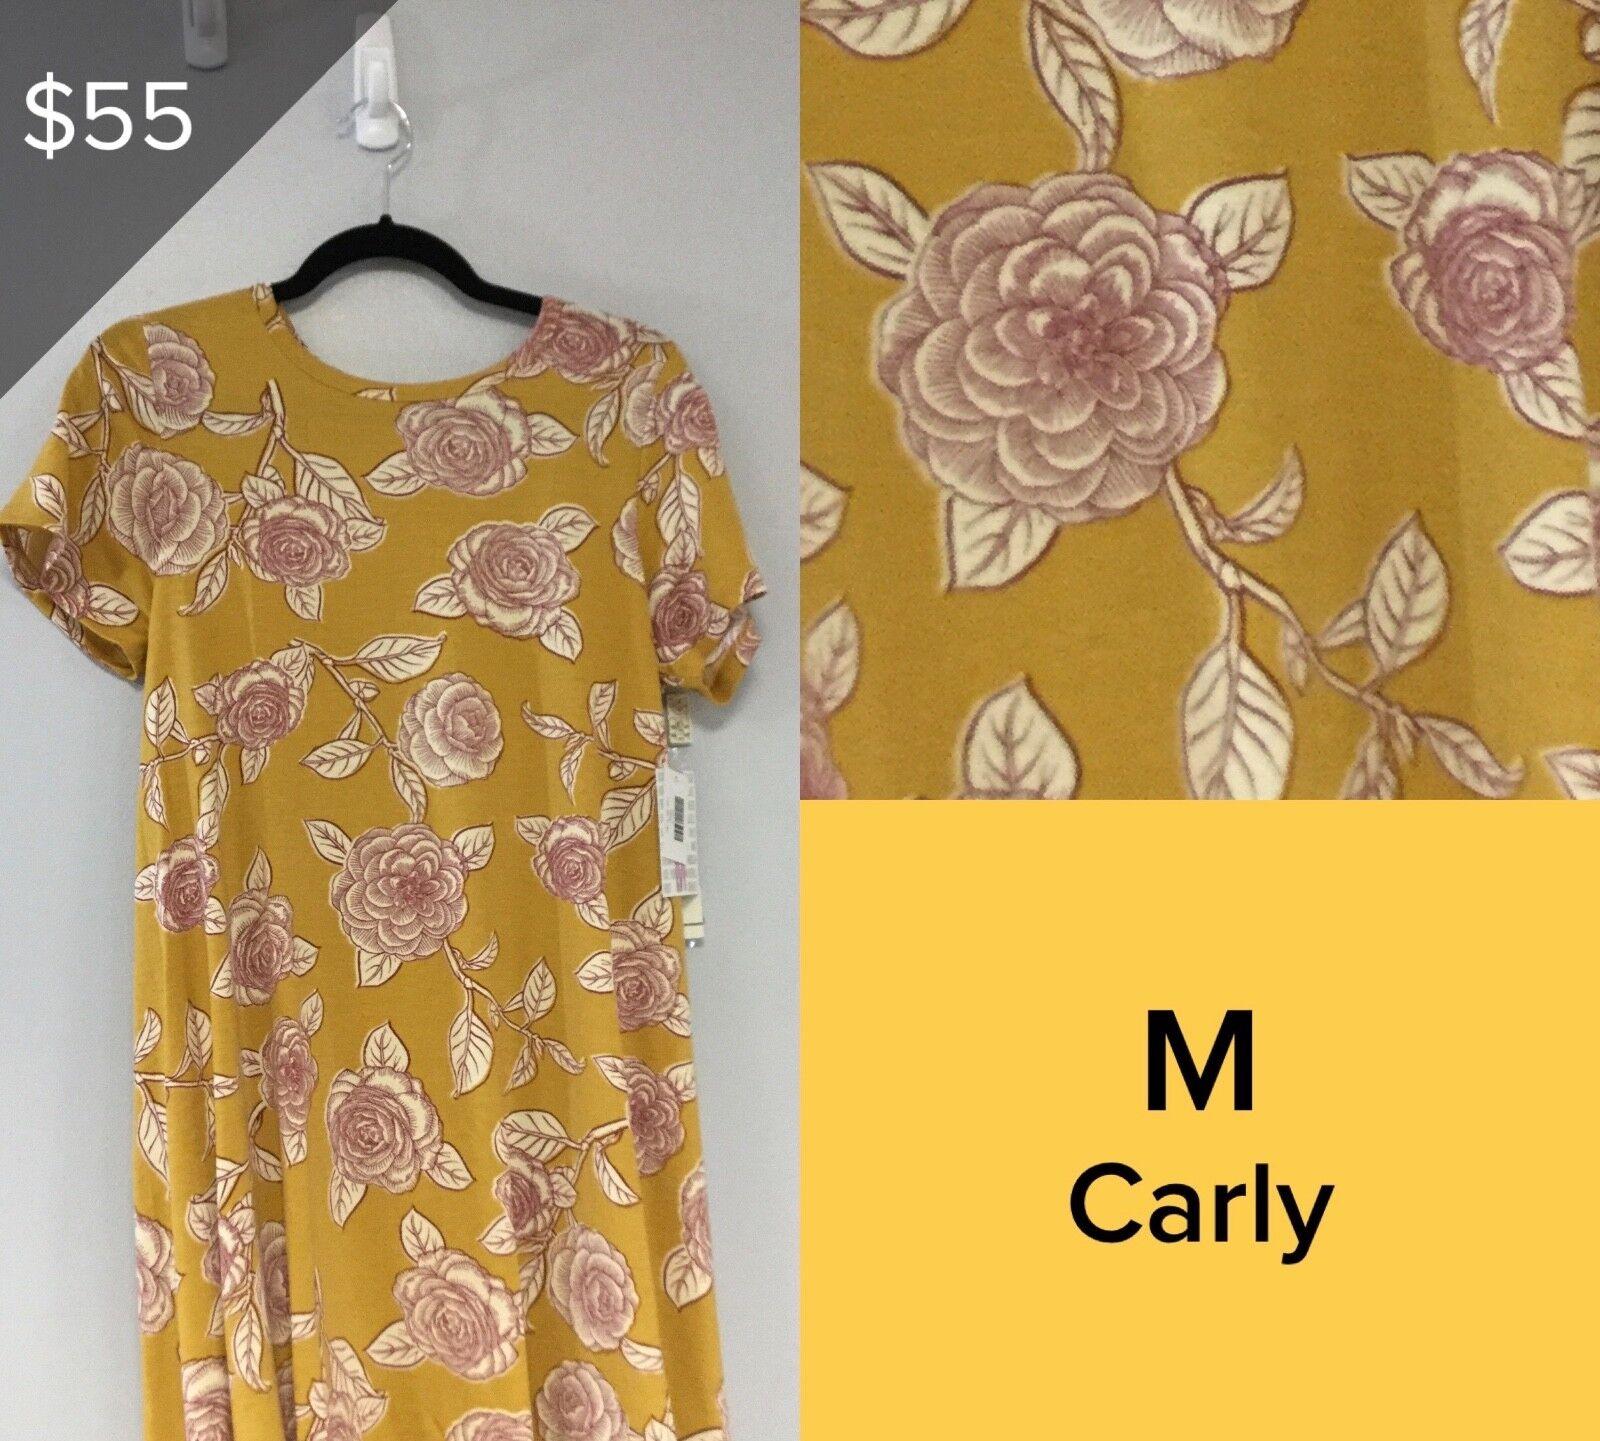 LULAROE CARLY DRESS, Größe M NWT Gelb, RosaS 5239